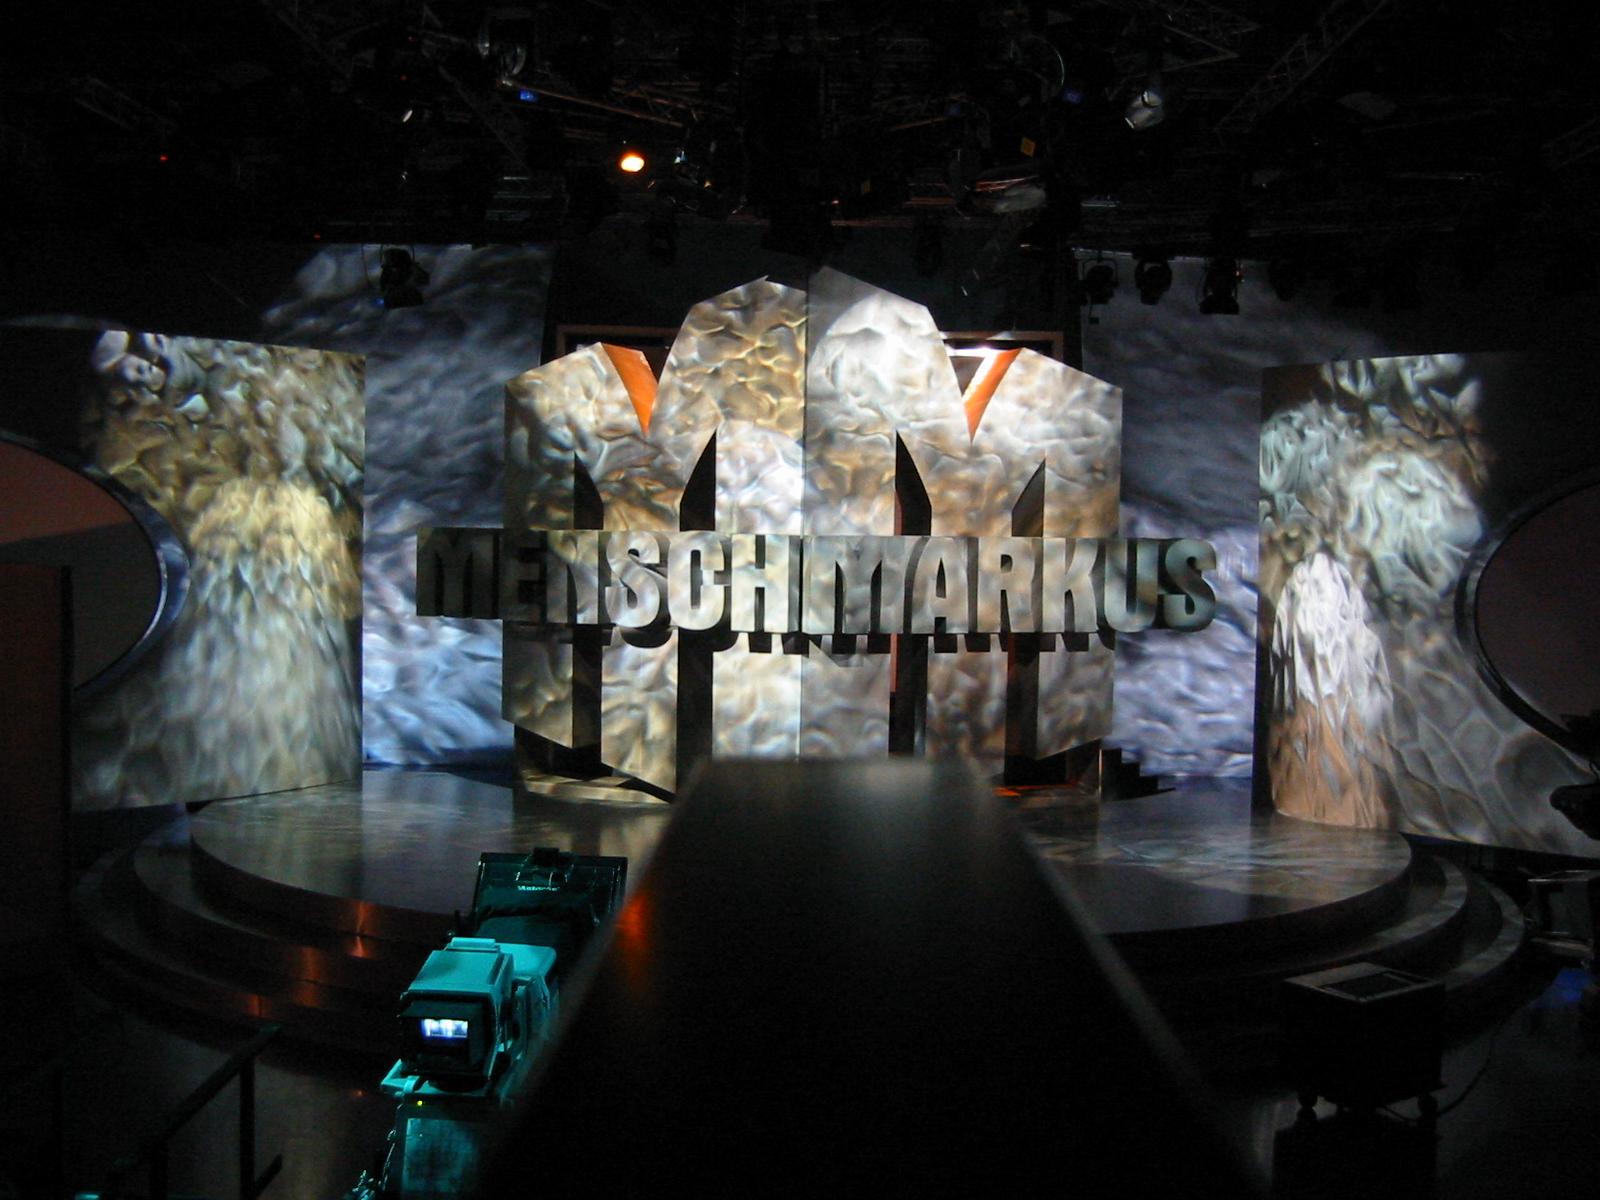 MENSCH MARKUS TV SHOW